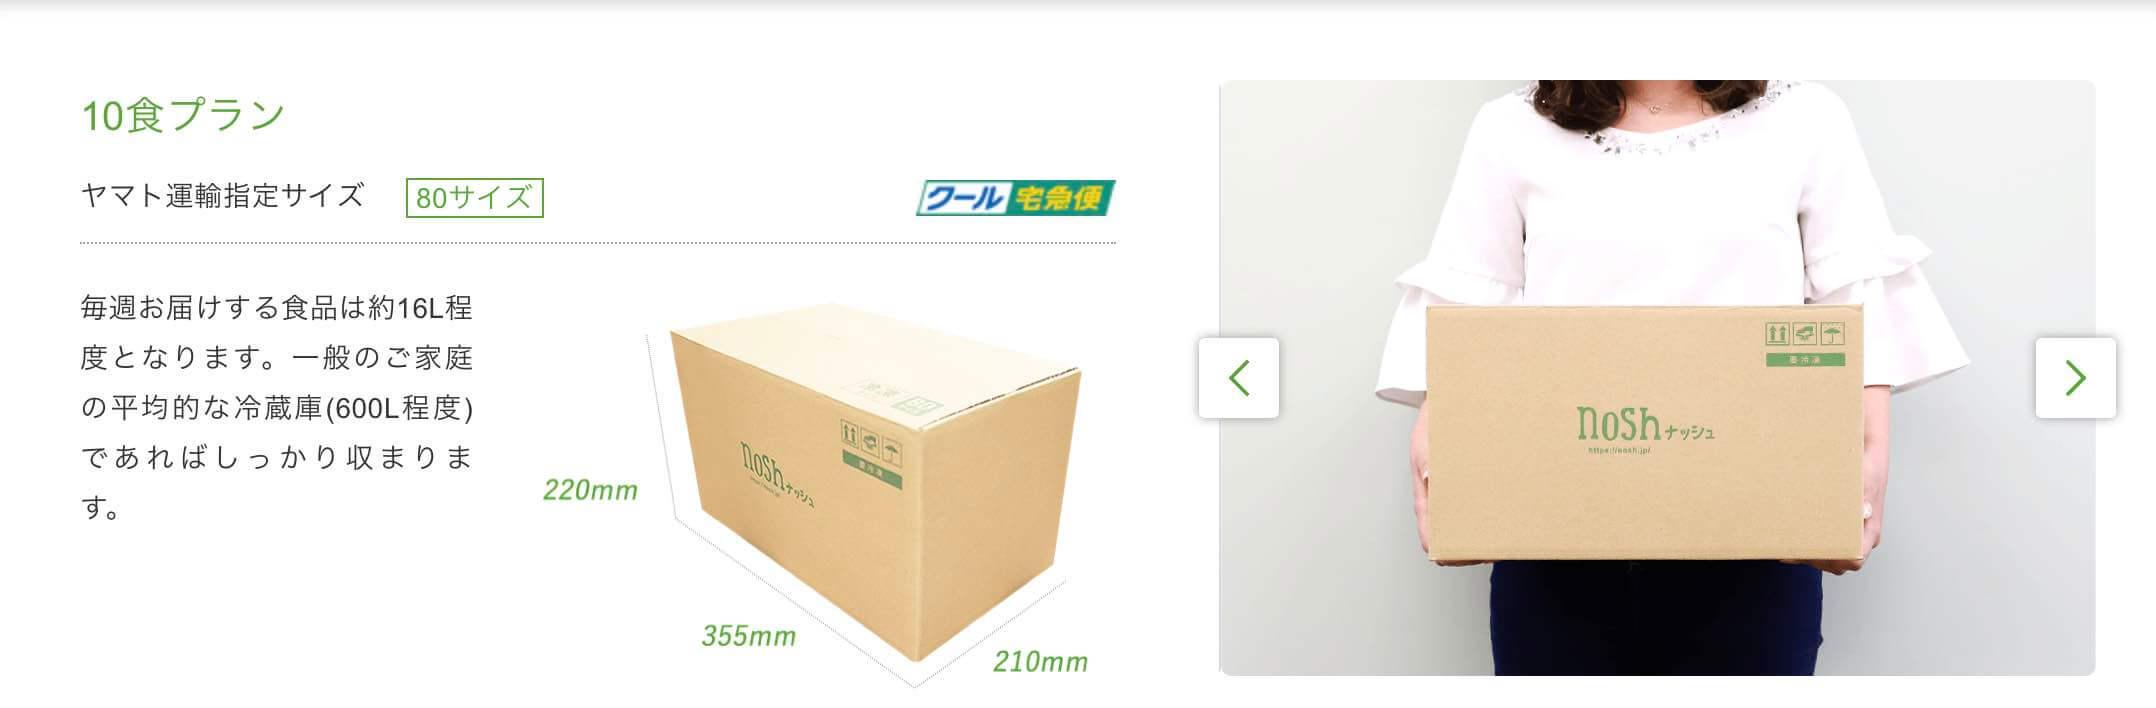 nosh10食プラン梱包サイズ